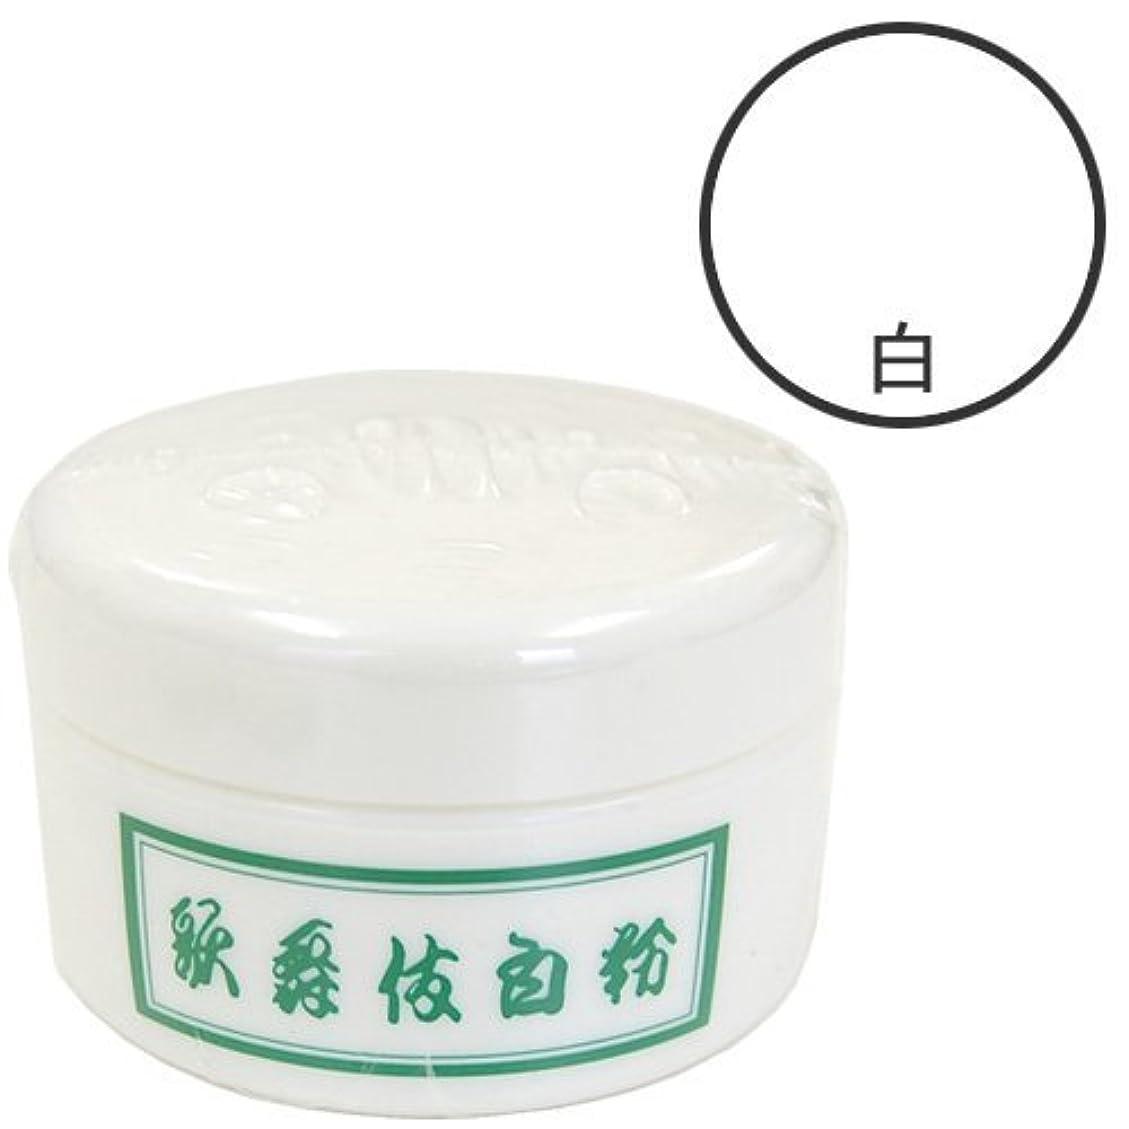 パンチタッチ強化三善 歌舞伎白粉 150g